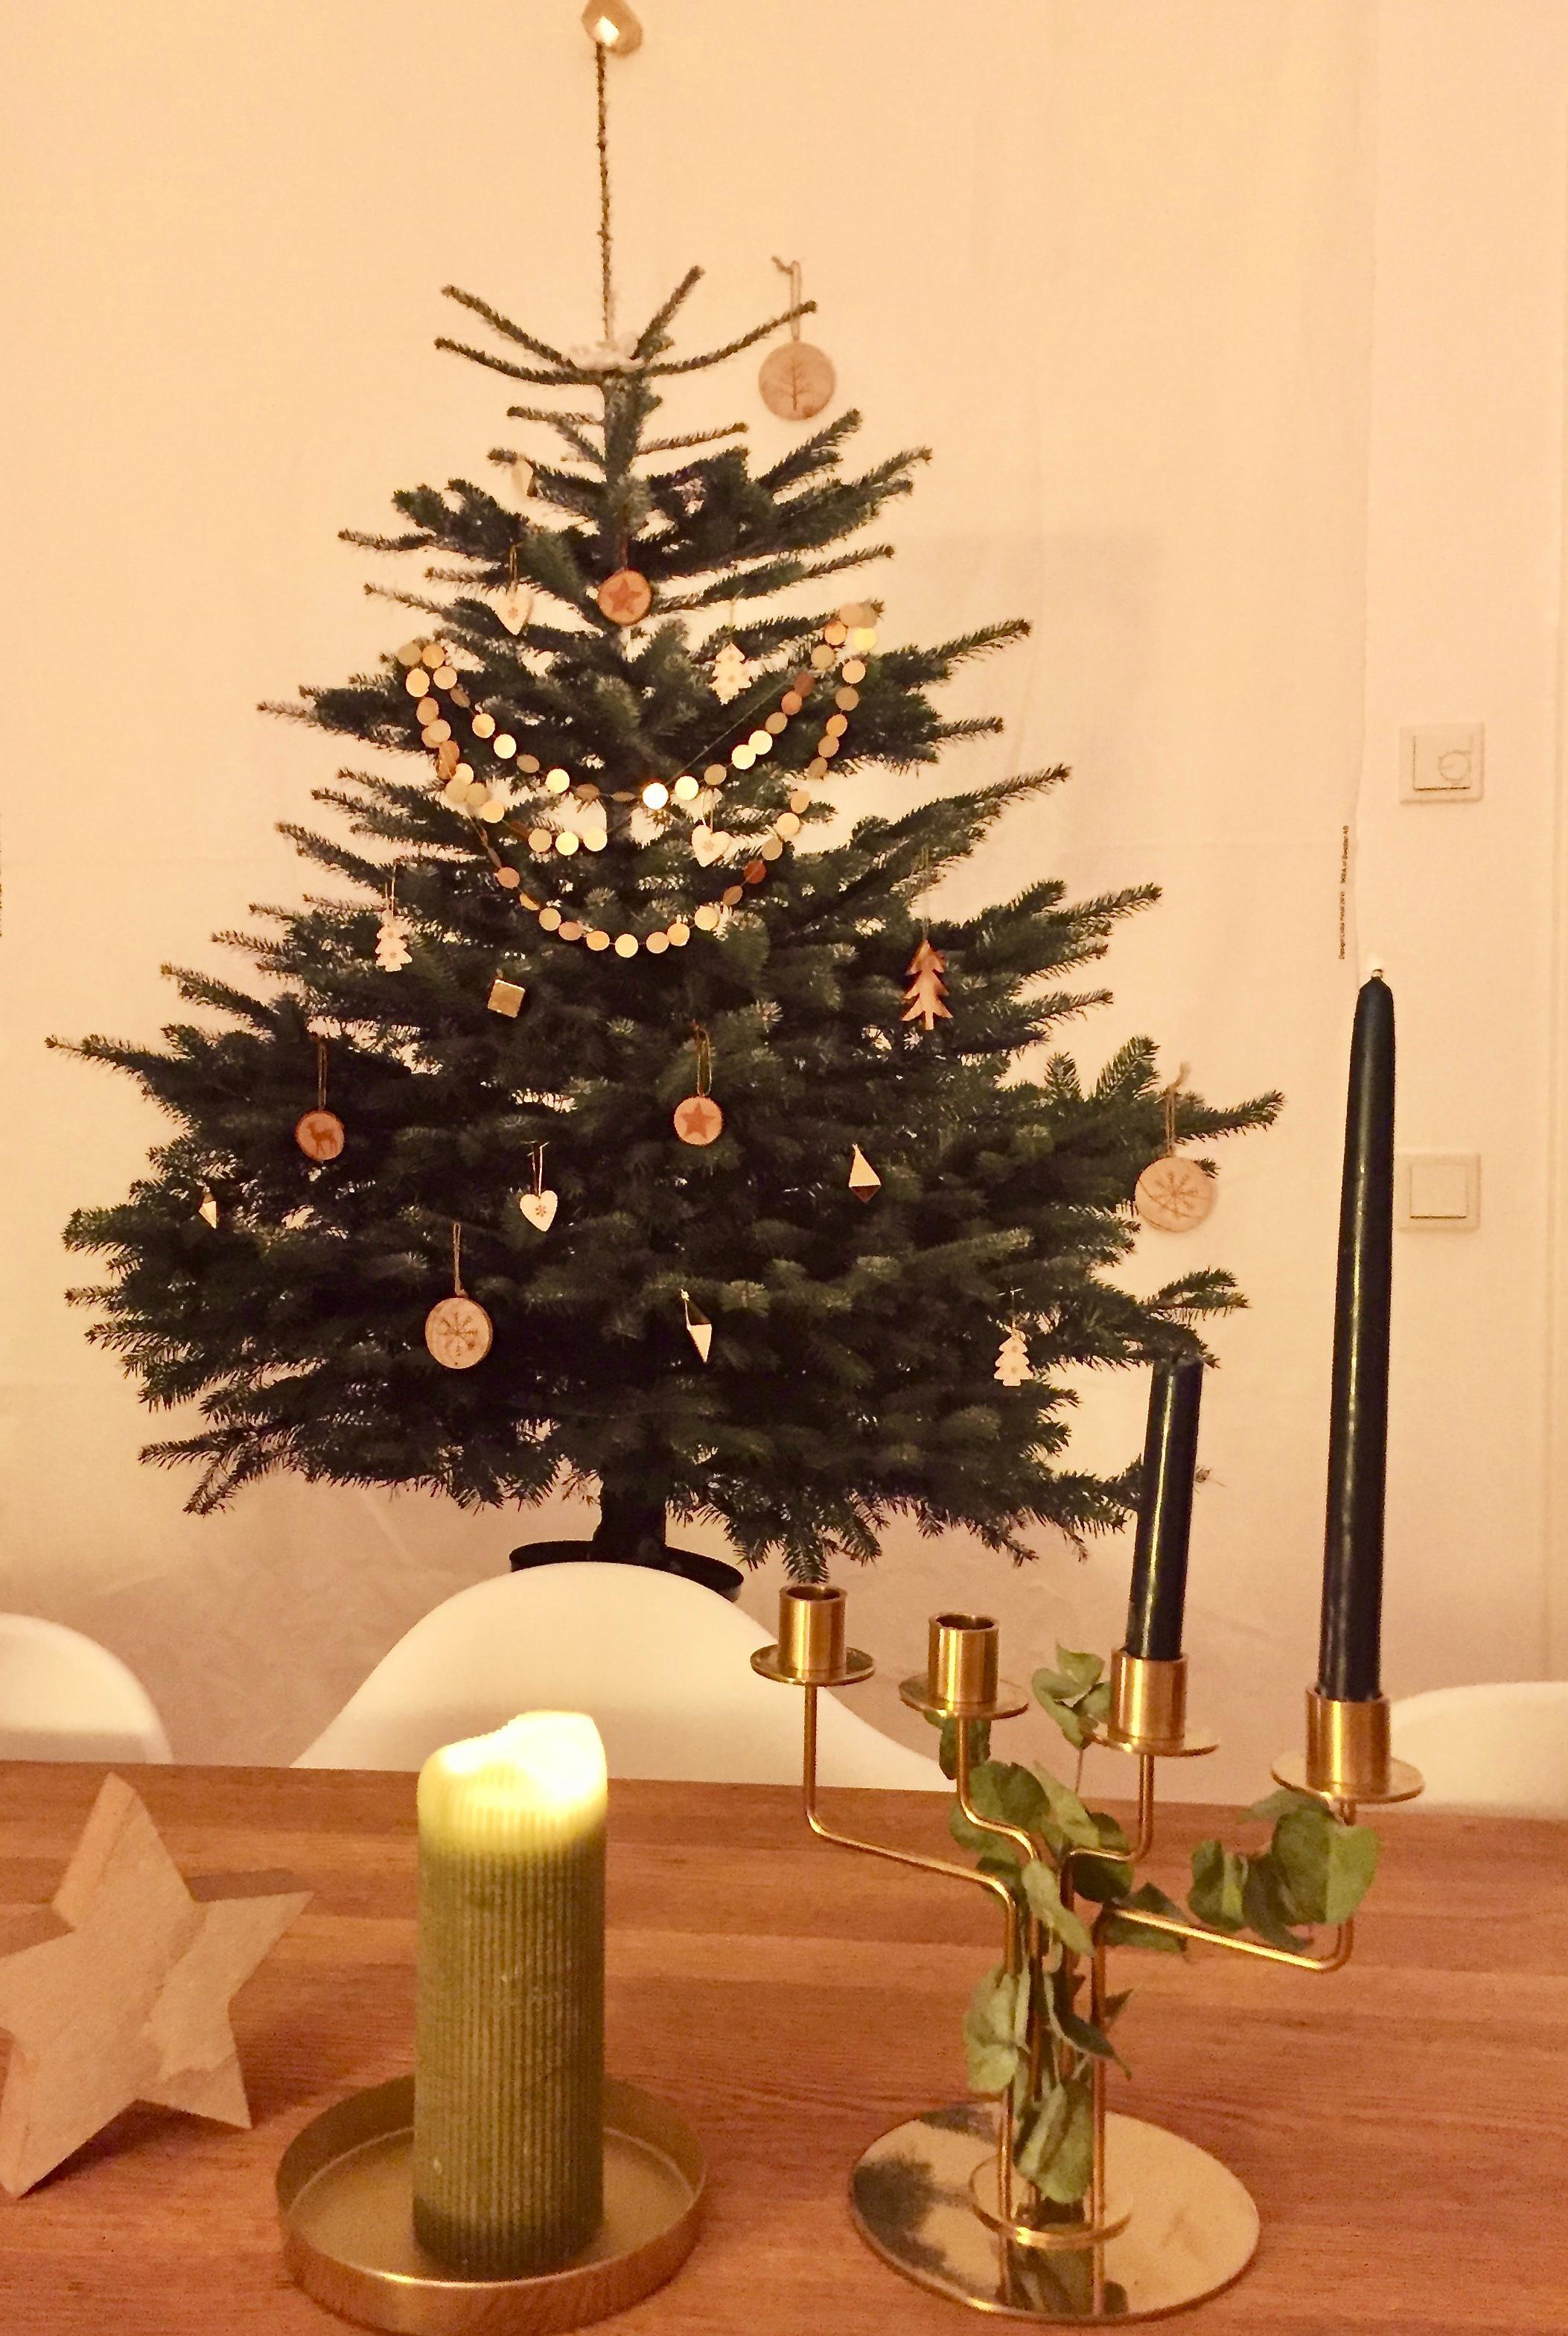 Ikea Weihnachtsbaum.Weihnachtsbaum Mal Anders Andiewandgehängt Weihna